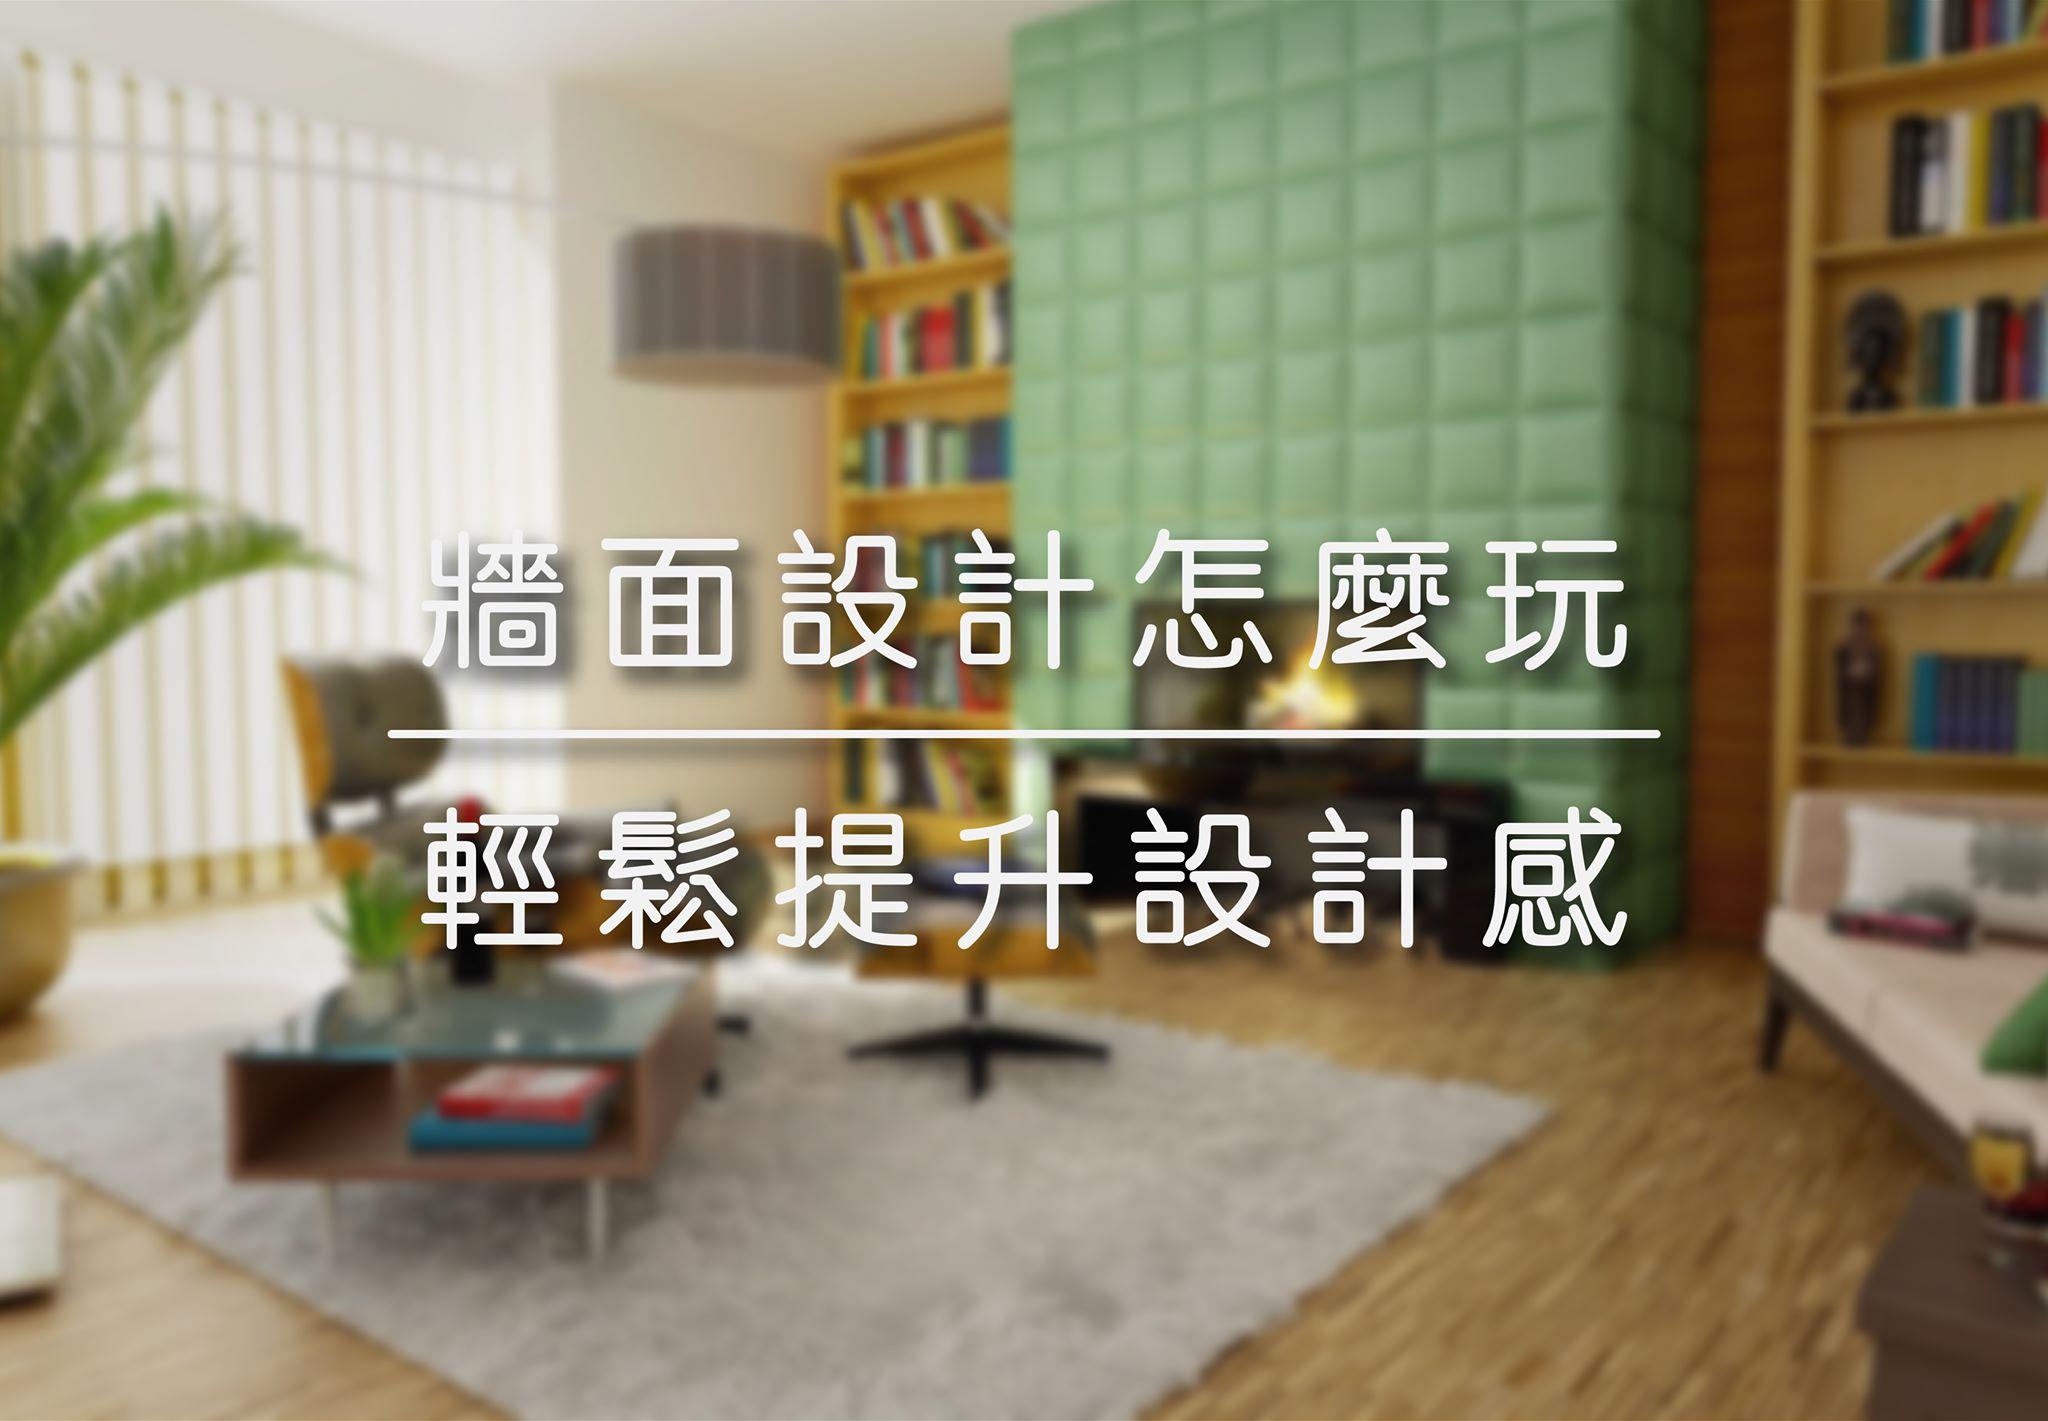 牆面設計怎麼玩 | 輕鬆提升設計感